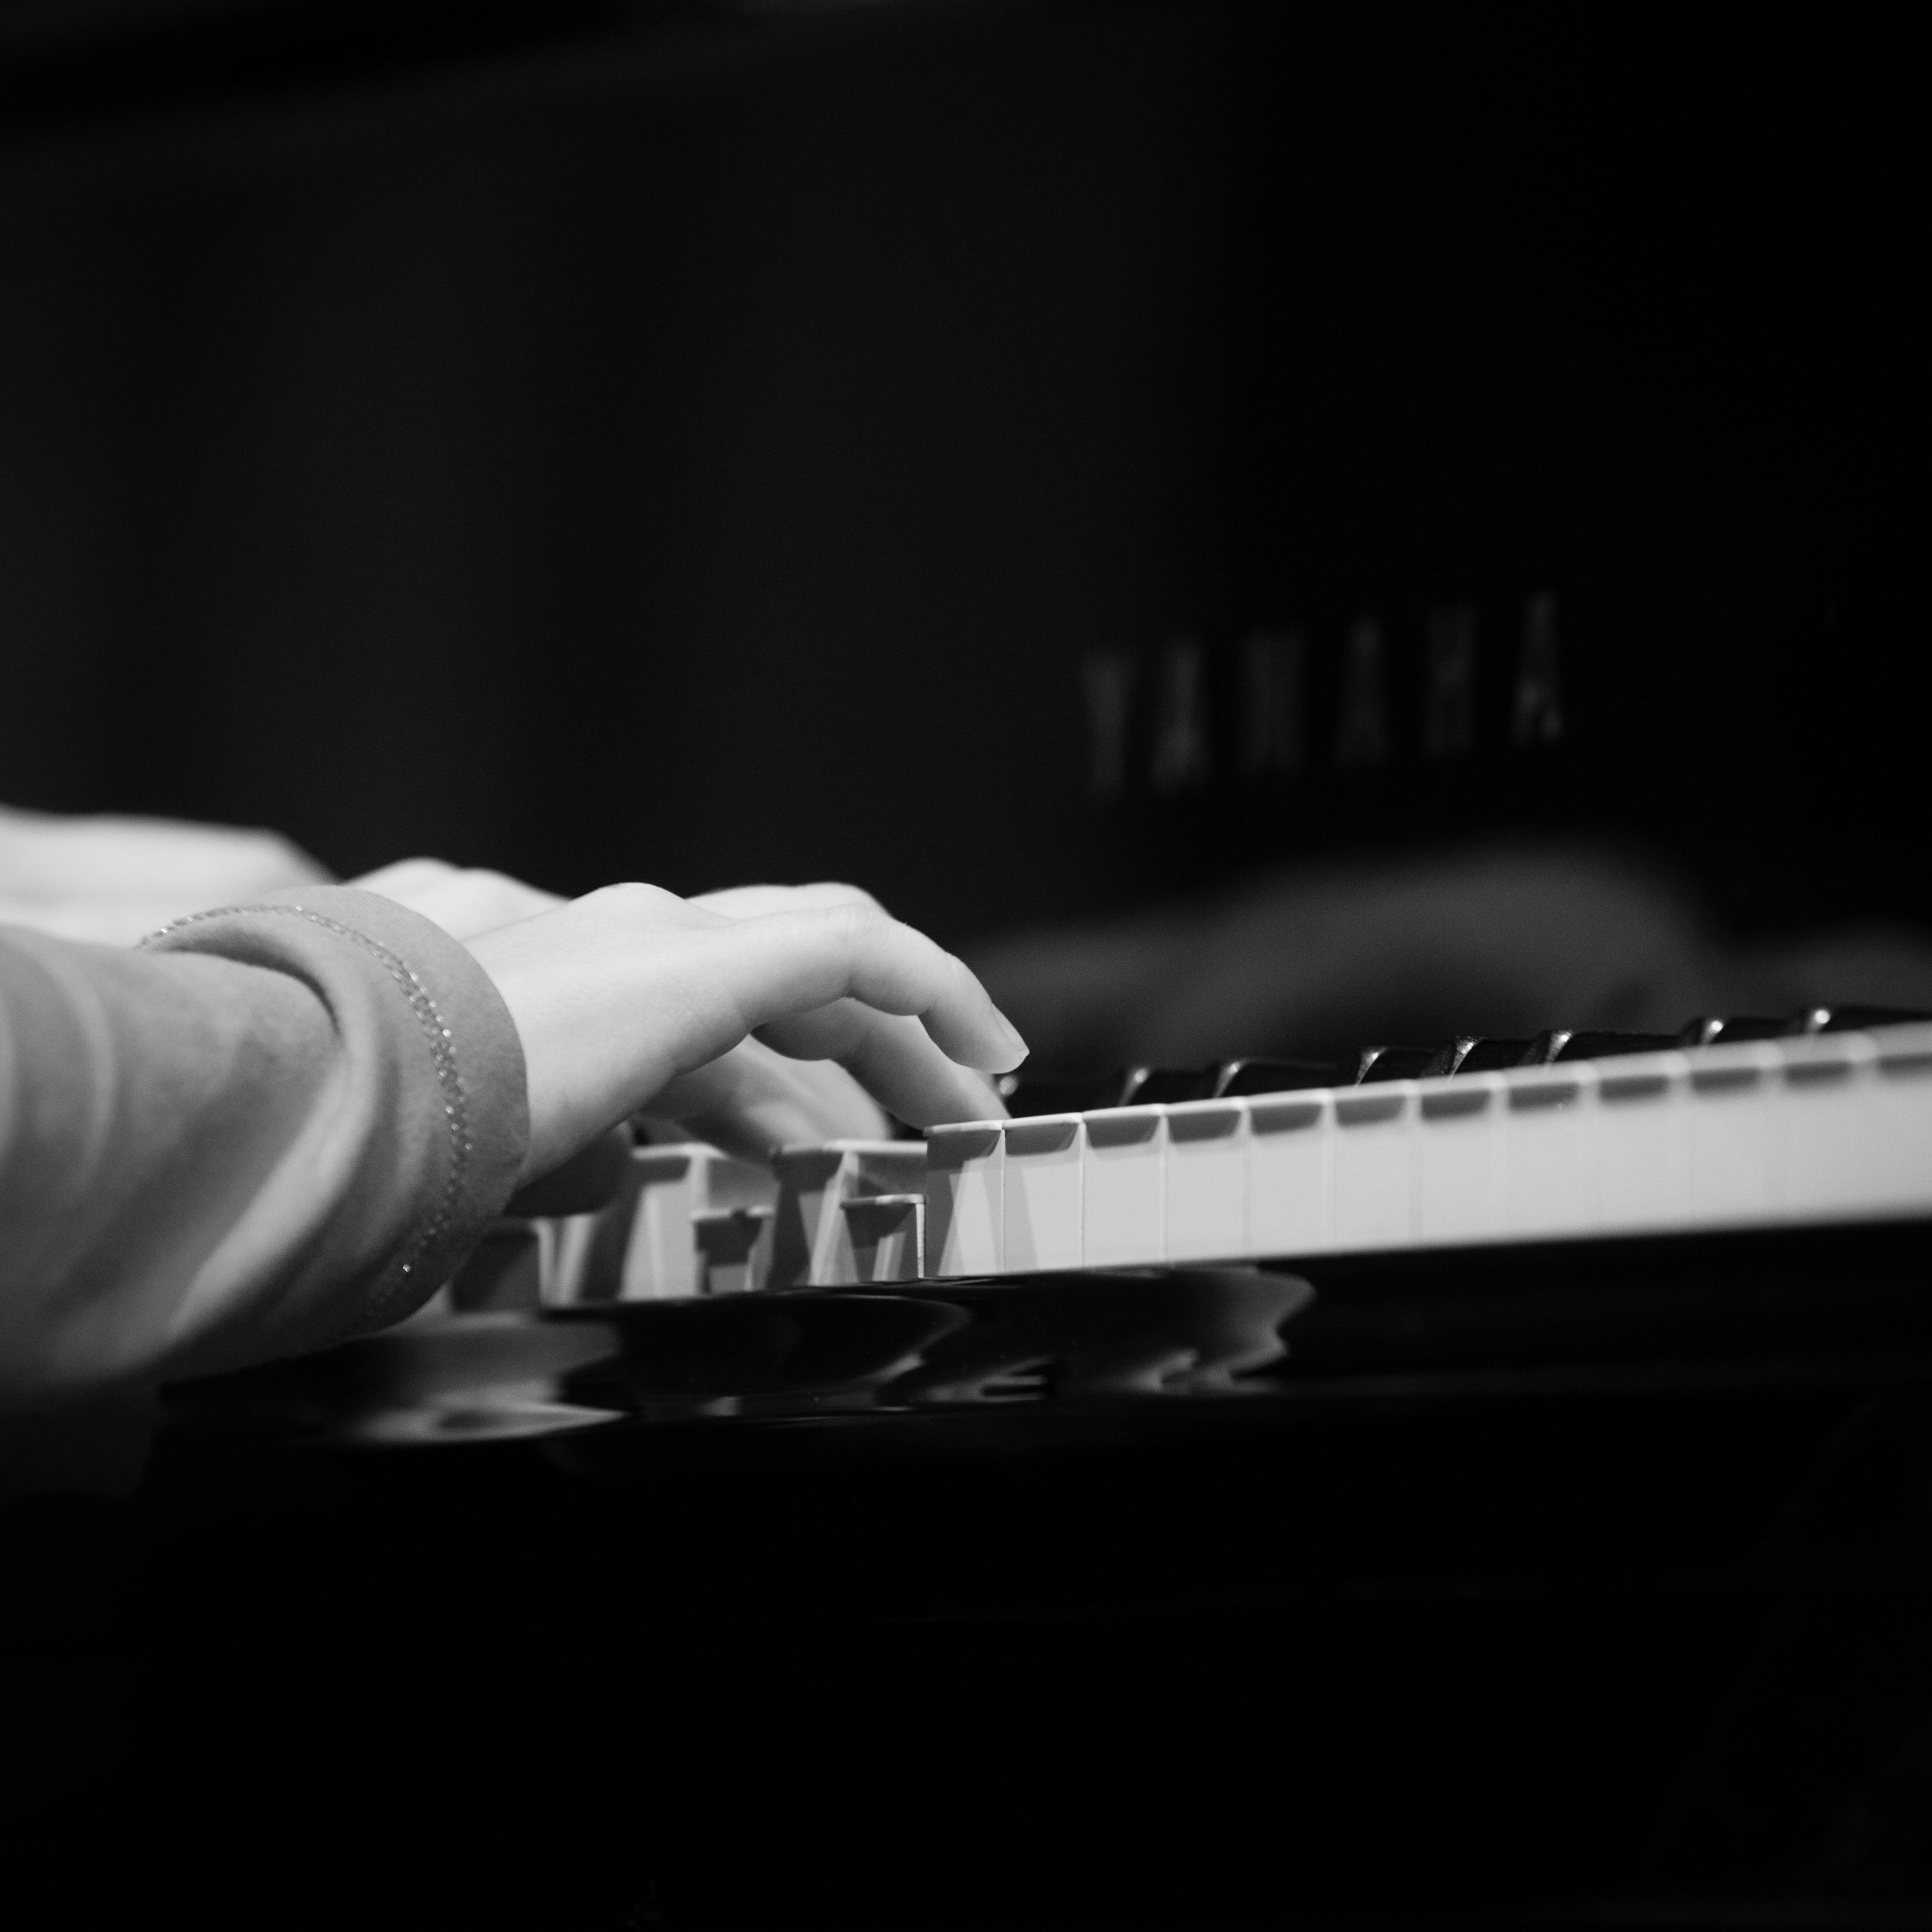 fotonemec_gsd_klavirski-10